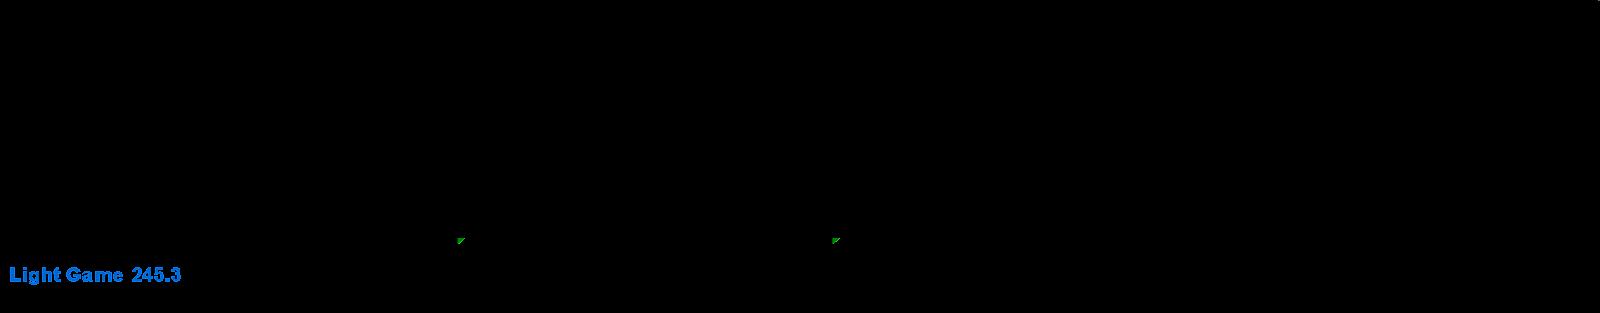 H6K9LbU-izBwWz6yTBpav97iv2N_Fb1FvcncOw6w